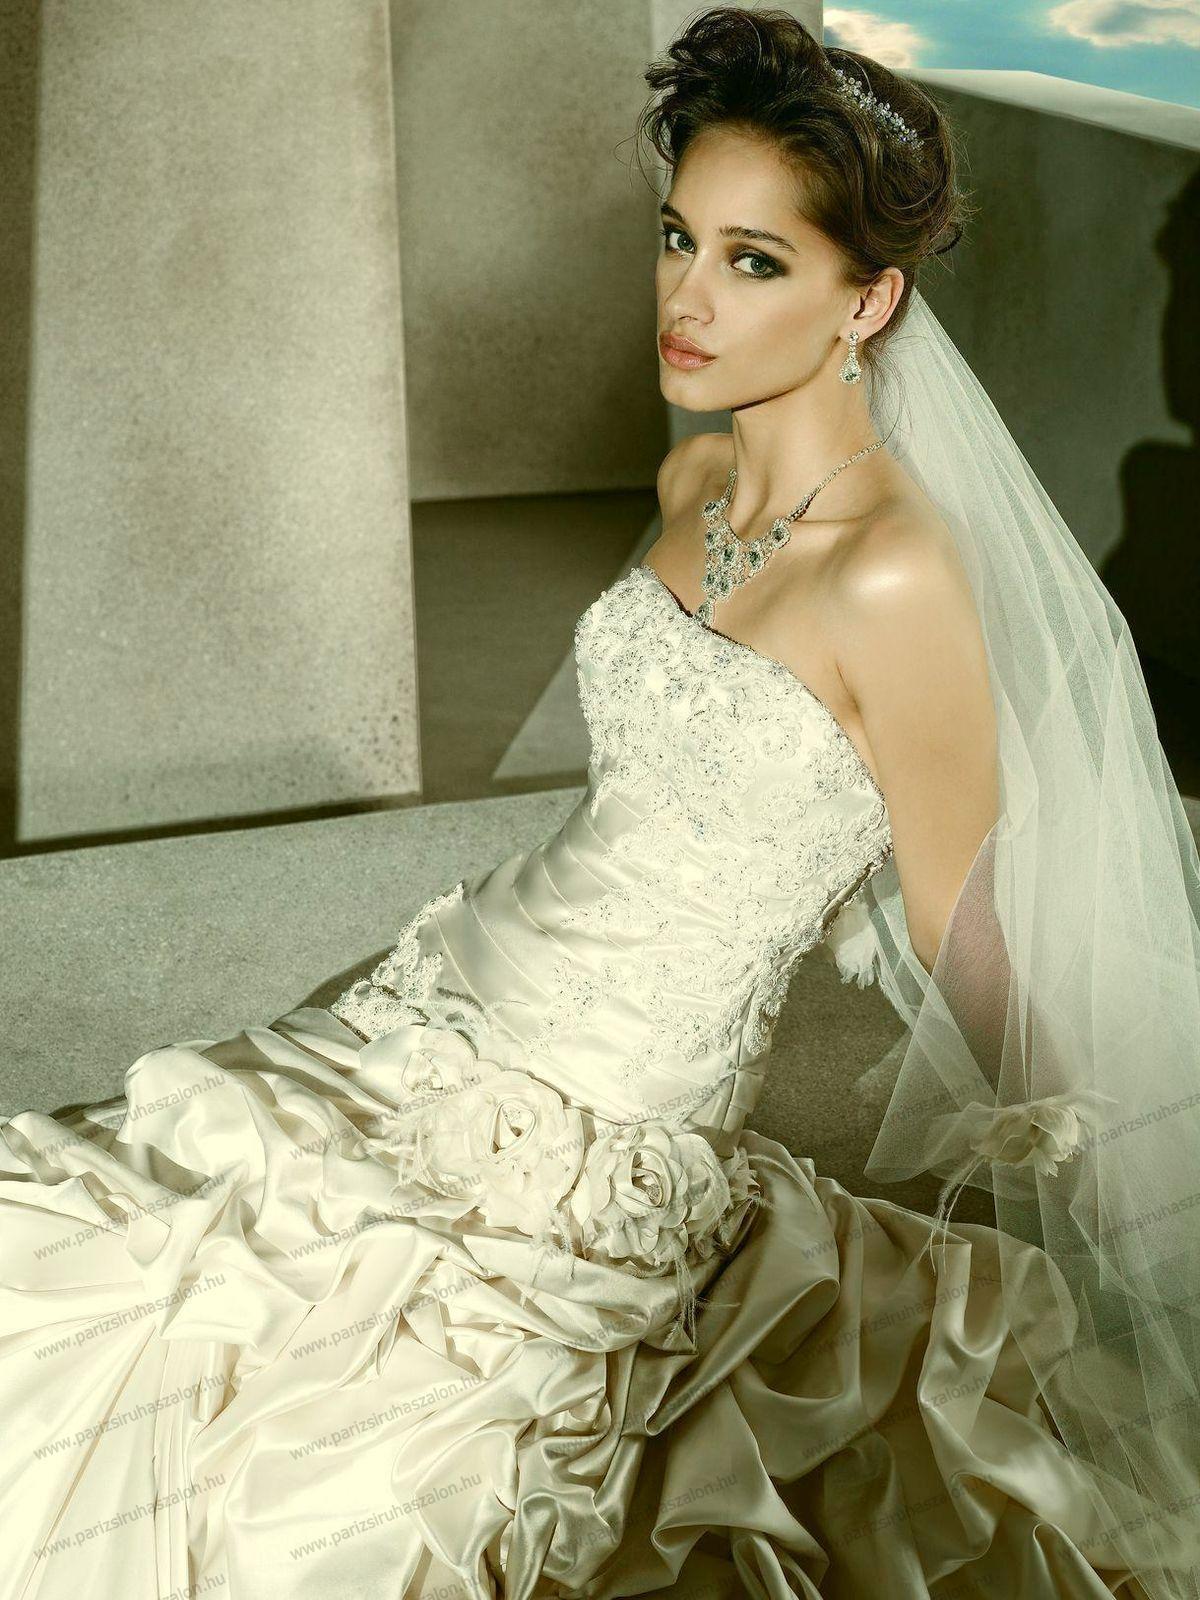 a5b6f30167 esküvői ruha   DEMETRIOS Amerikai menyasszonyi ruhák. (cikkszám: 2  Demetrios 4292 )